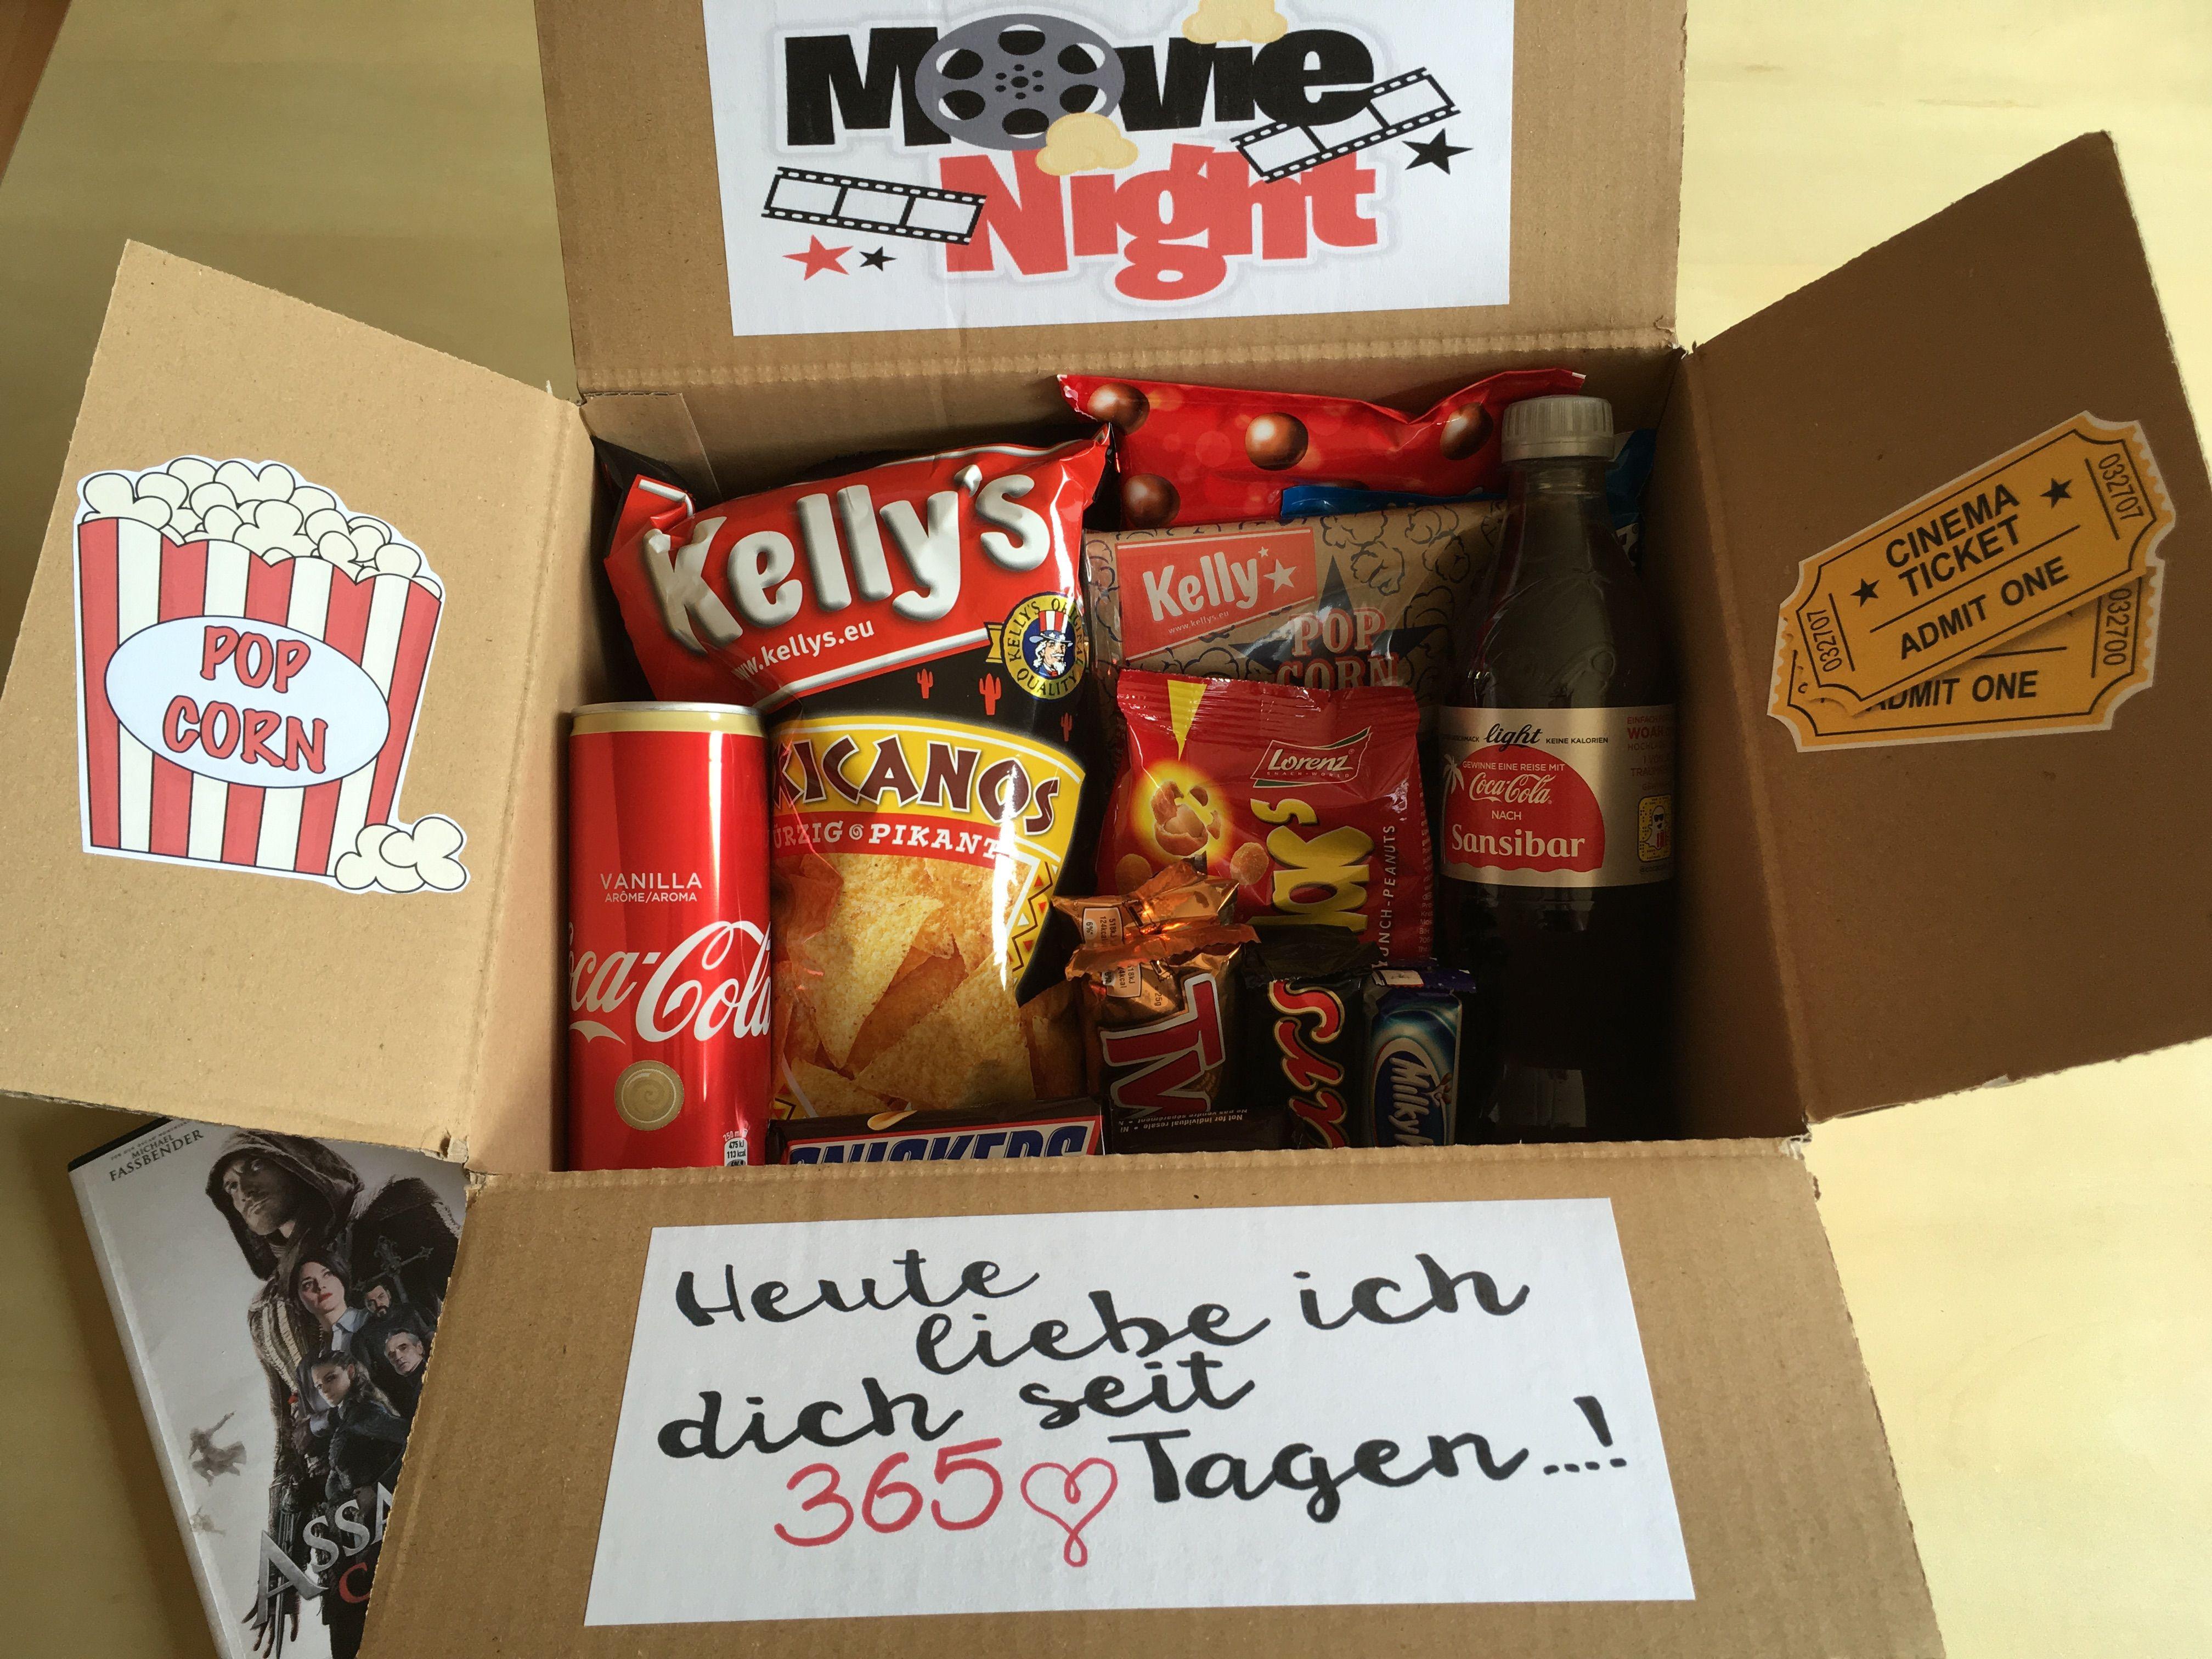 Persönliches Geschenk Für Freund Selbst Gemacht  365 Tage ️ Jahrestagsgeschenk Boxgeschenk Movie Night Box